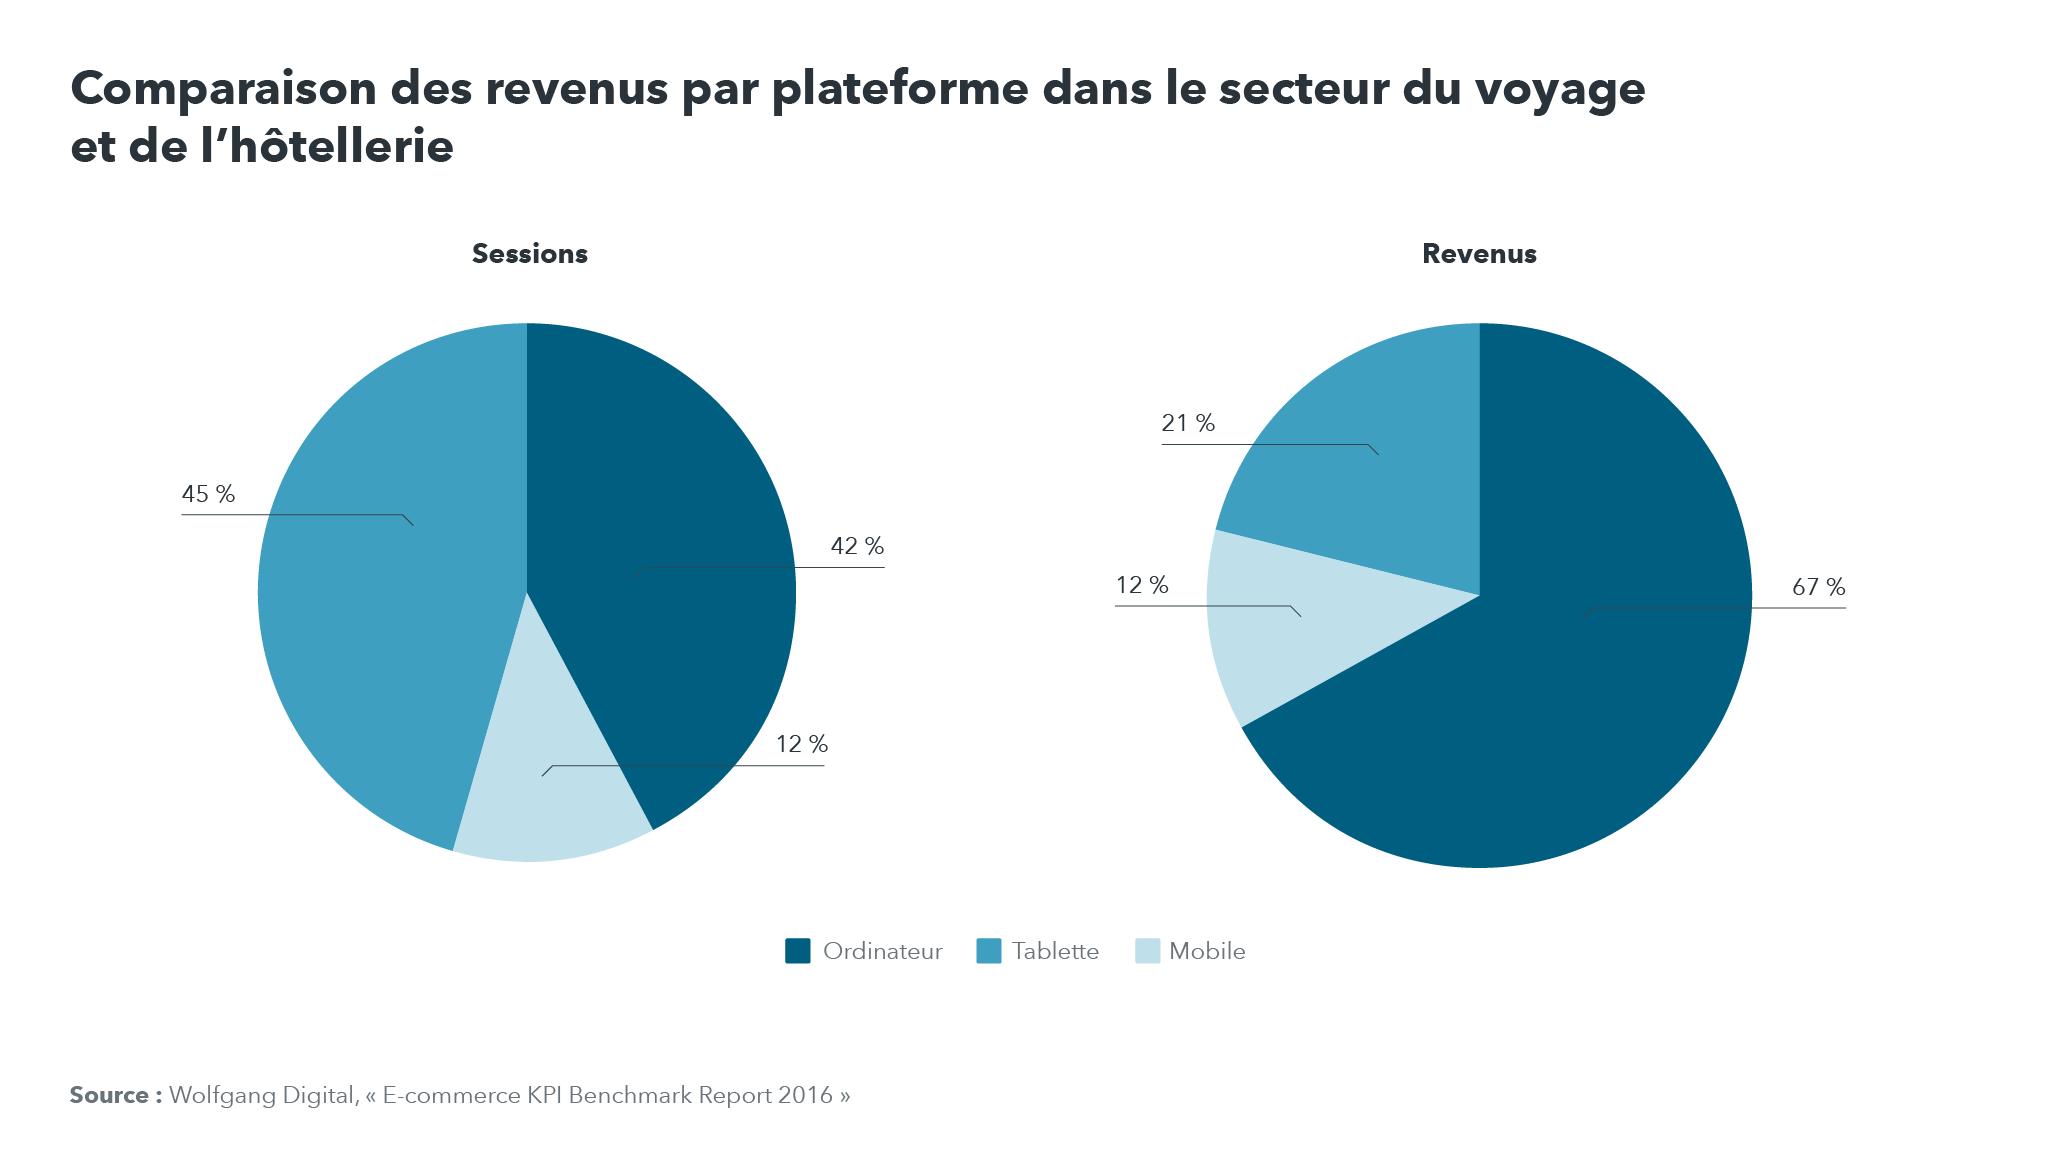 Comparaison de la part des revenus par plateforme dans le secteur du voyage et de l'hôtellerie : plus de visites sur mobile, mais davantage de revenus sur les ordinateurs de bureau